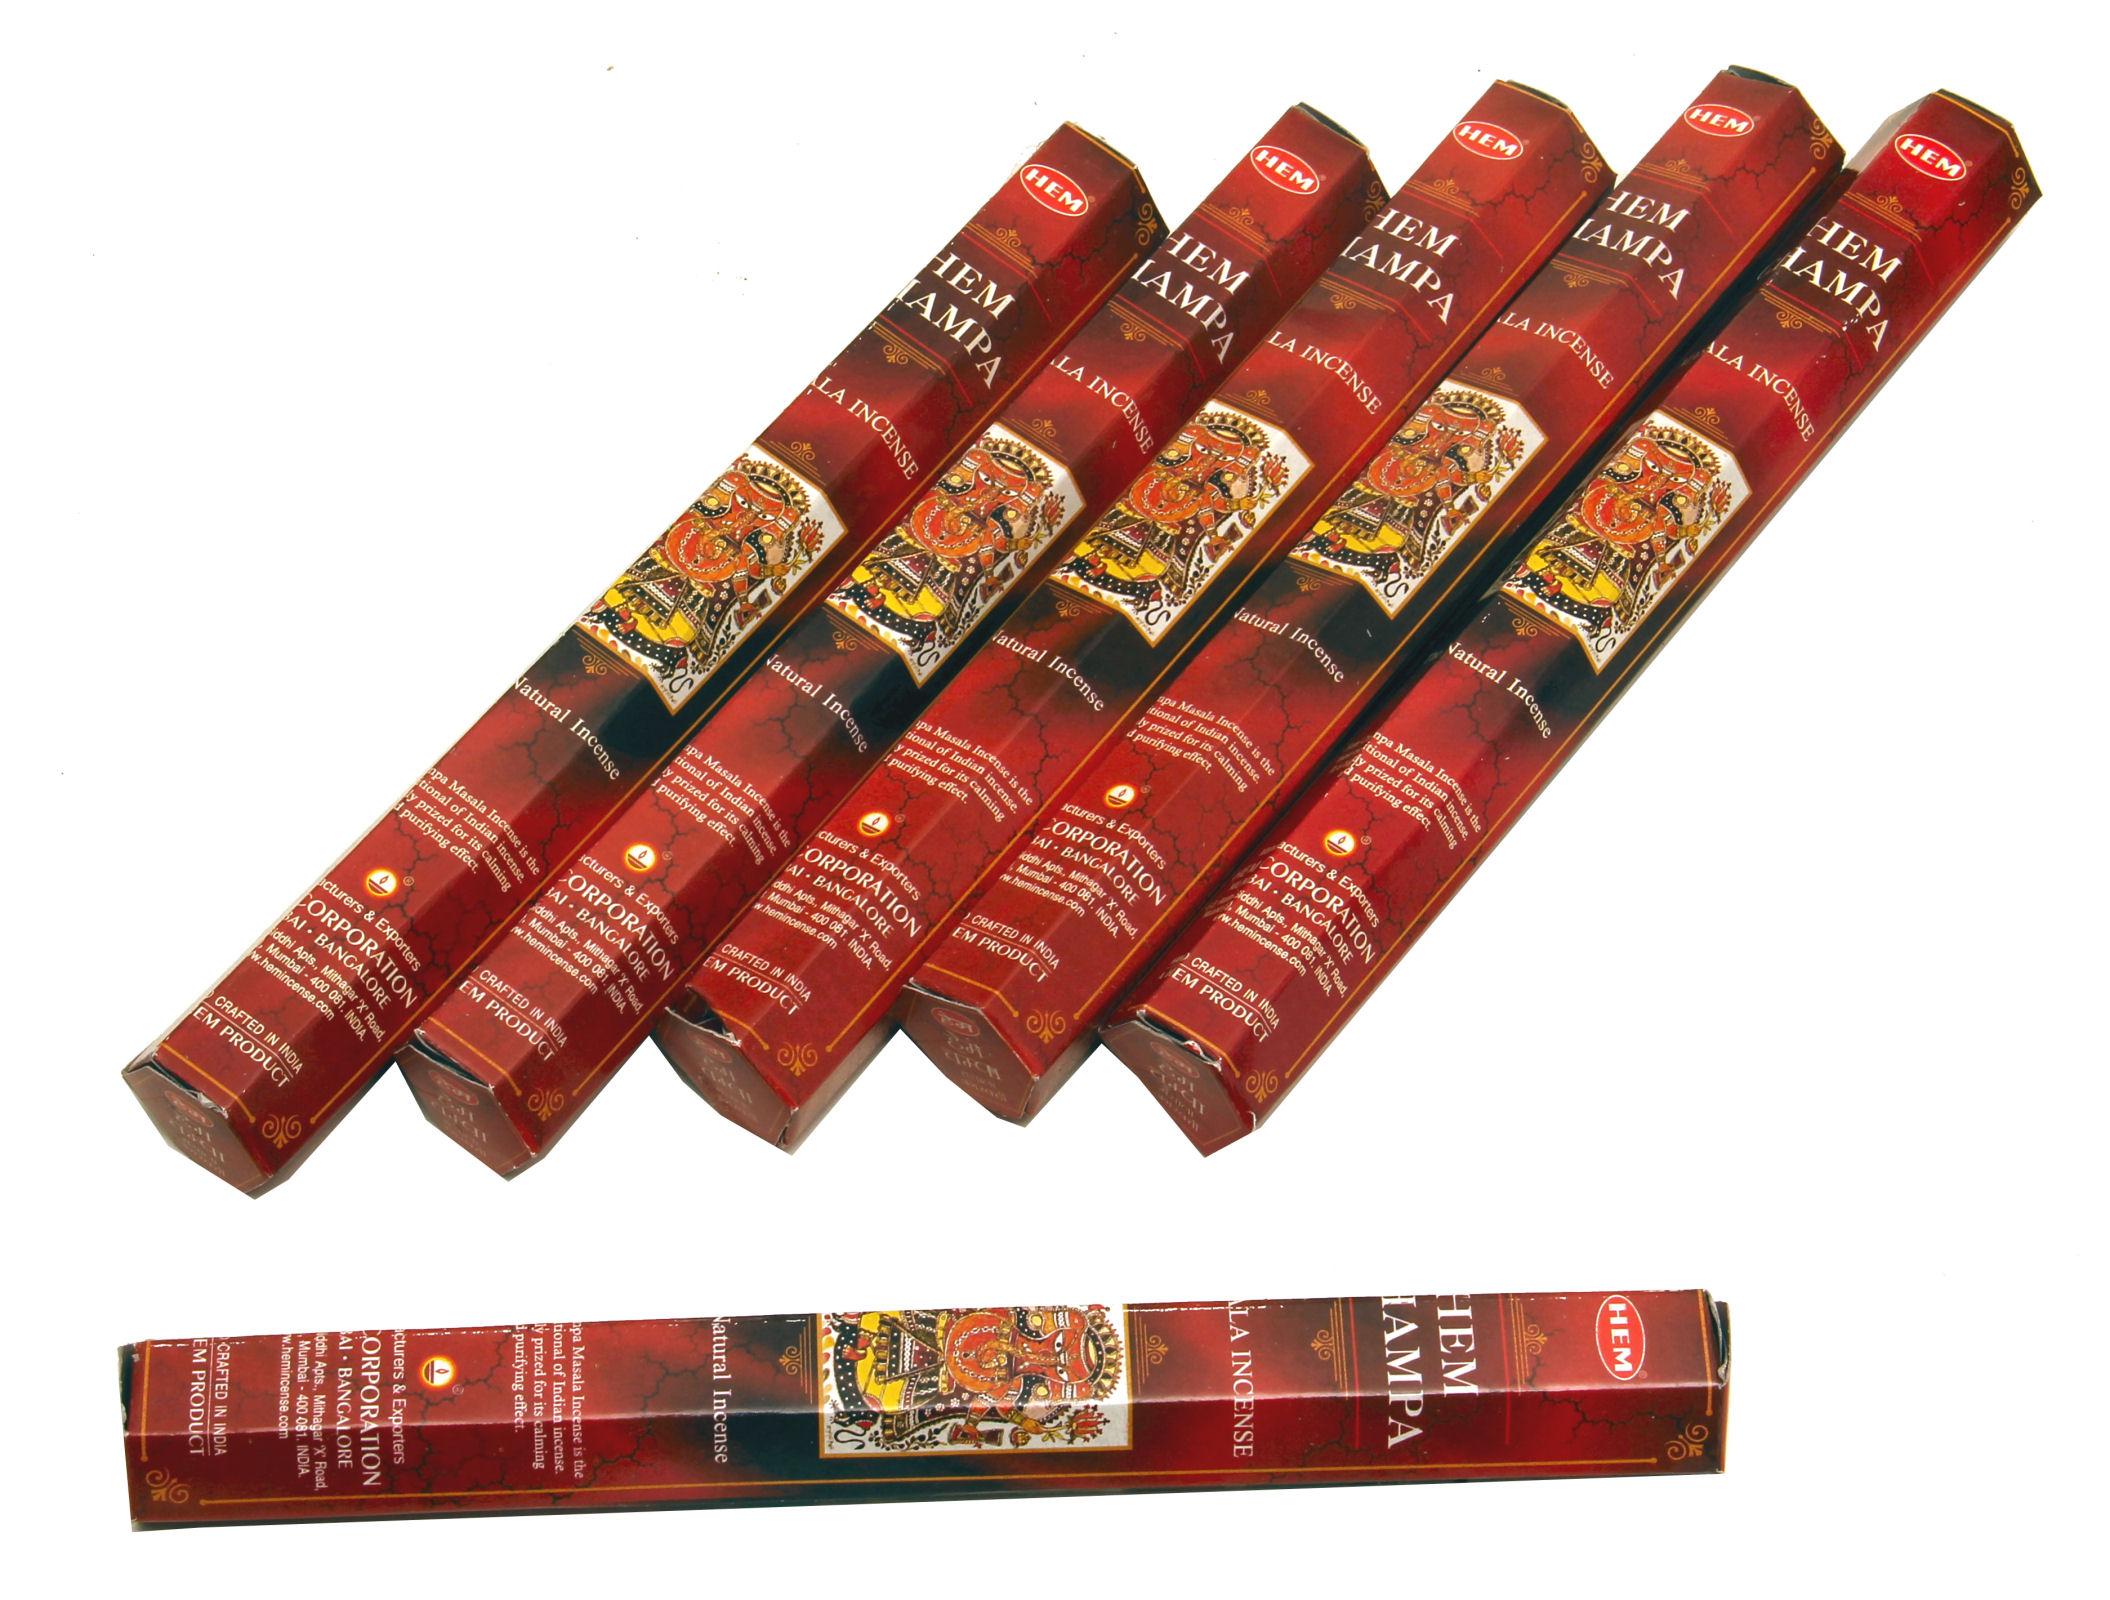 HEM Räucherstäbchen Sparset. 6 Packungen ca. 90 Sticks HEM Champa